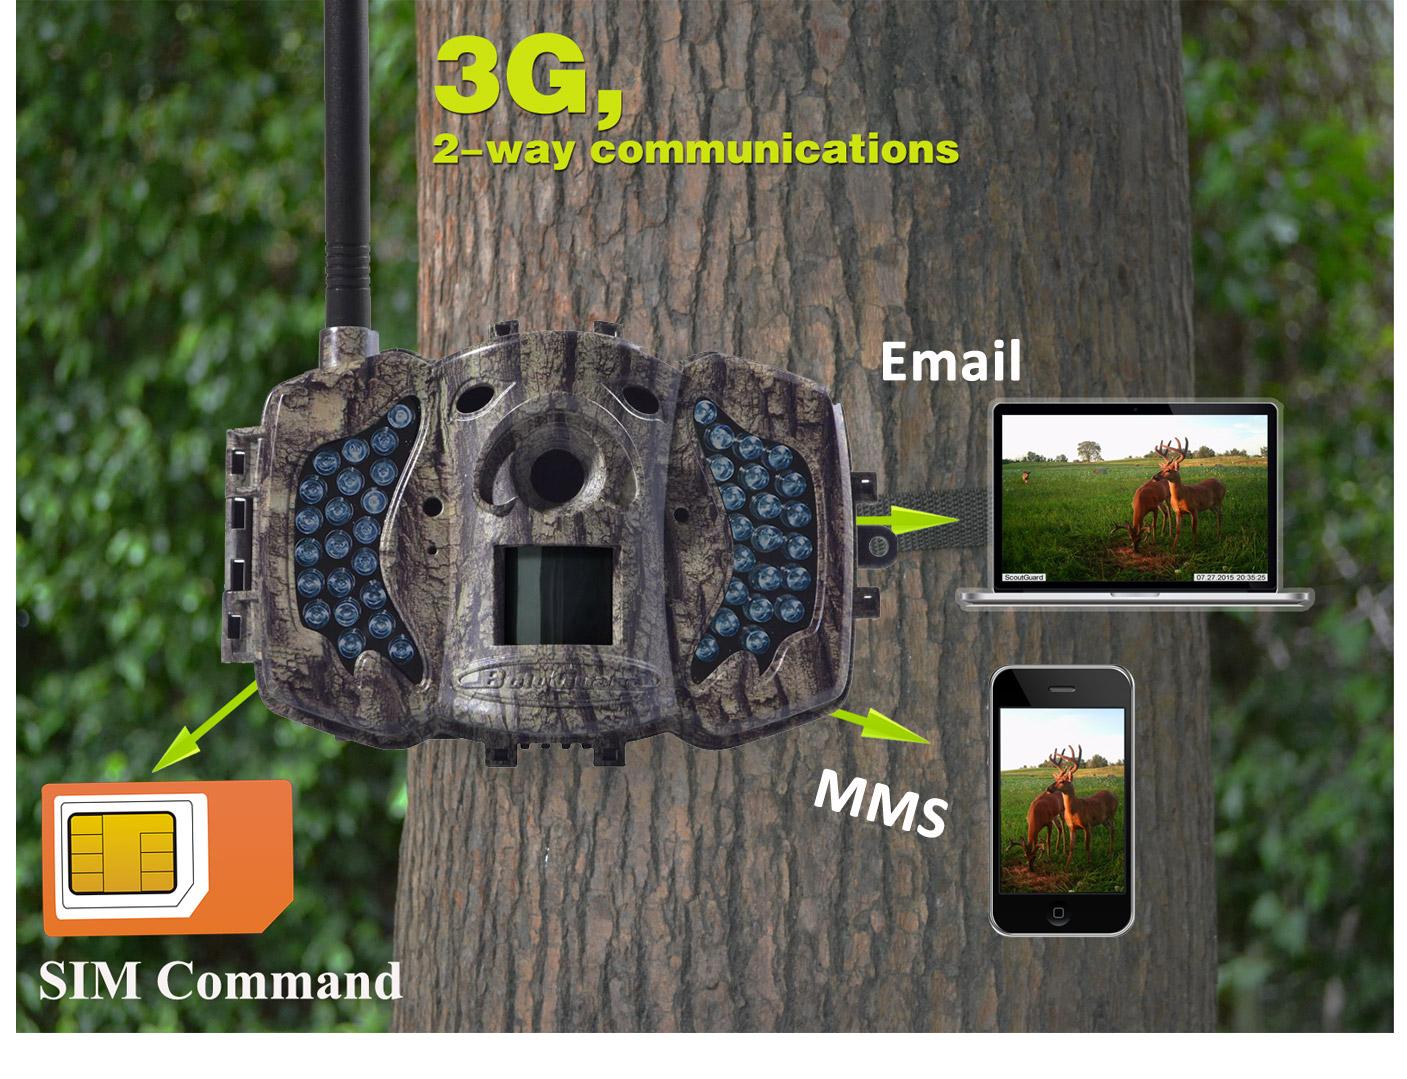 电商展示-MG983G-30M-2.jpg